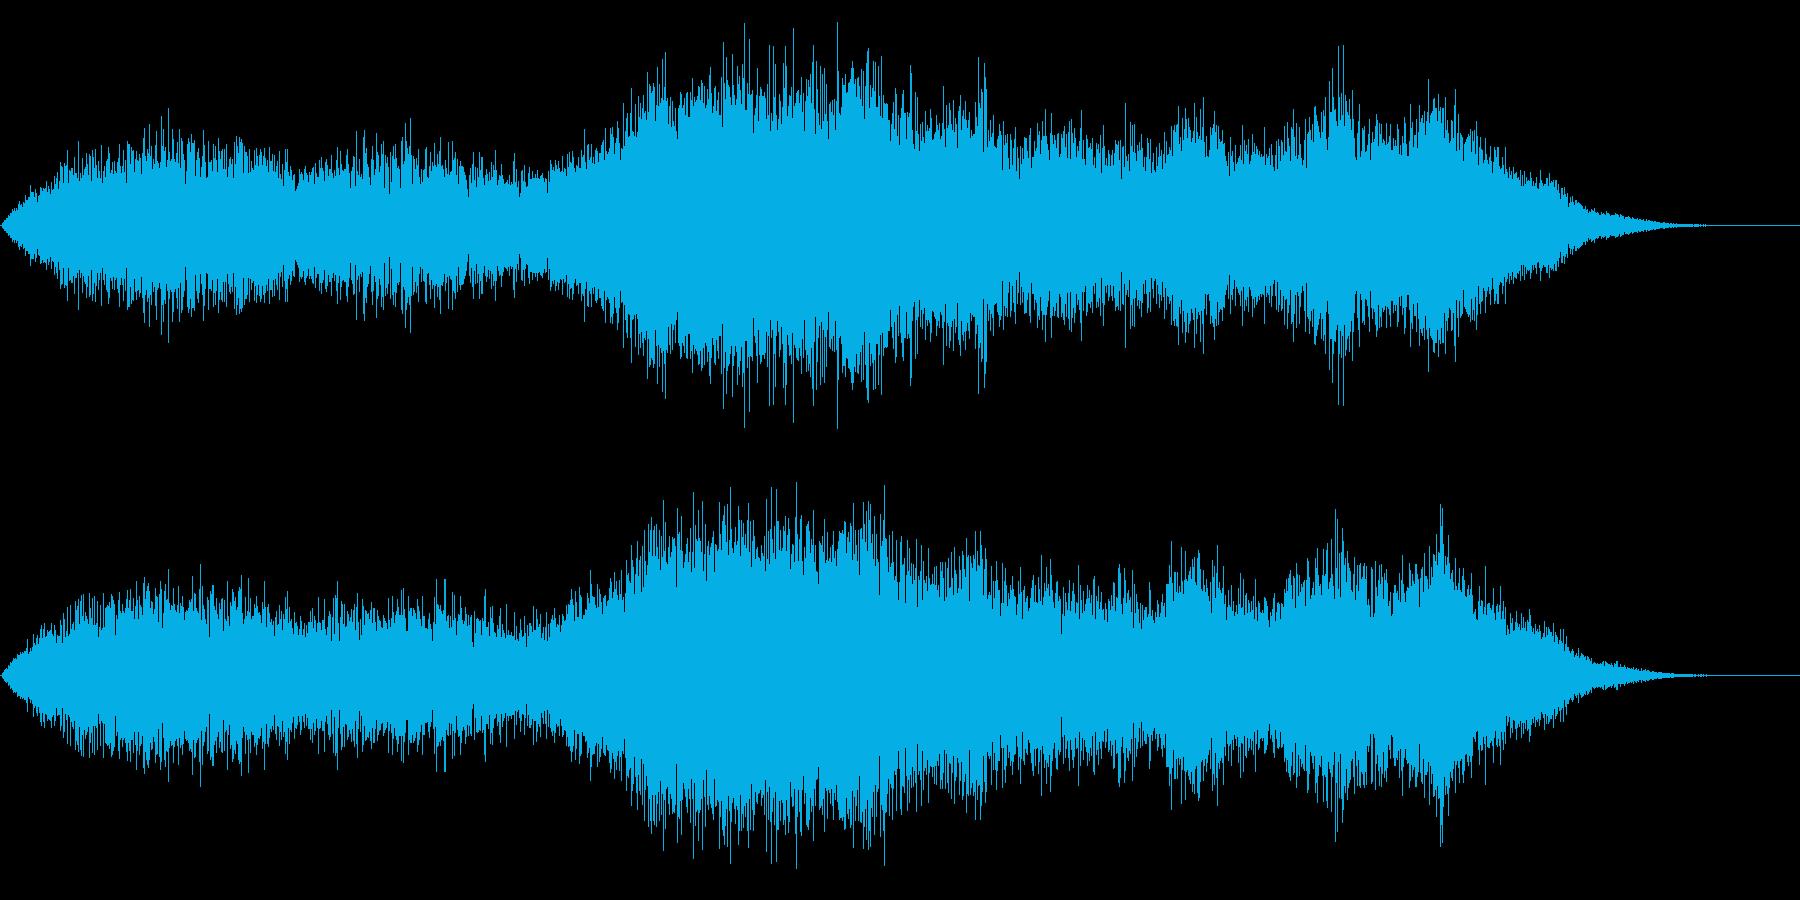 強風 突風 台風 嵐 ビュービューの再生済みの波形